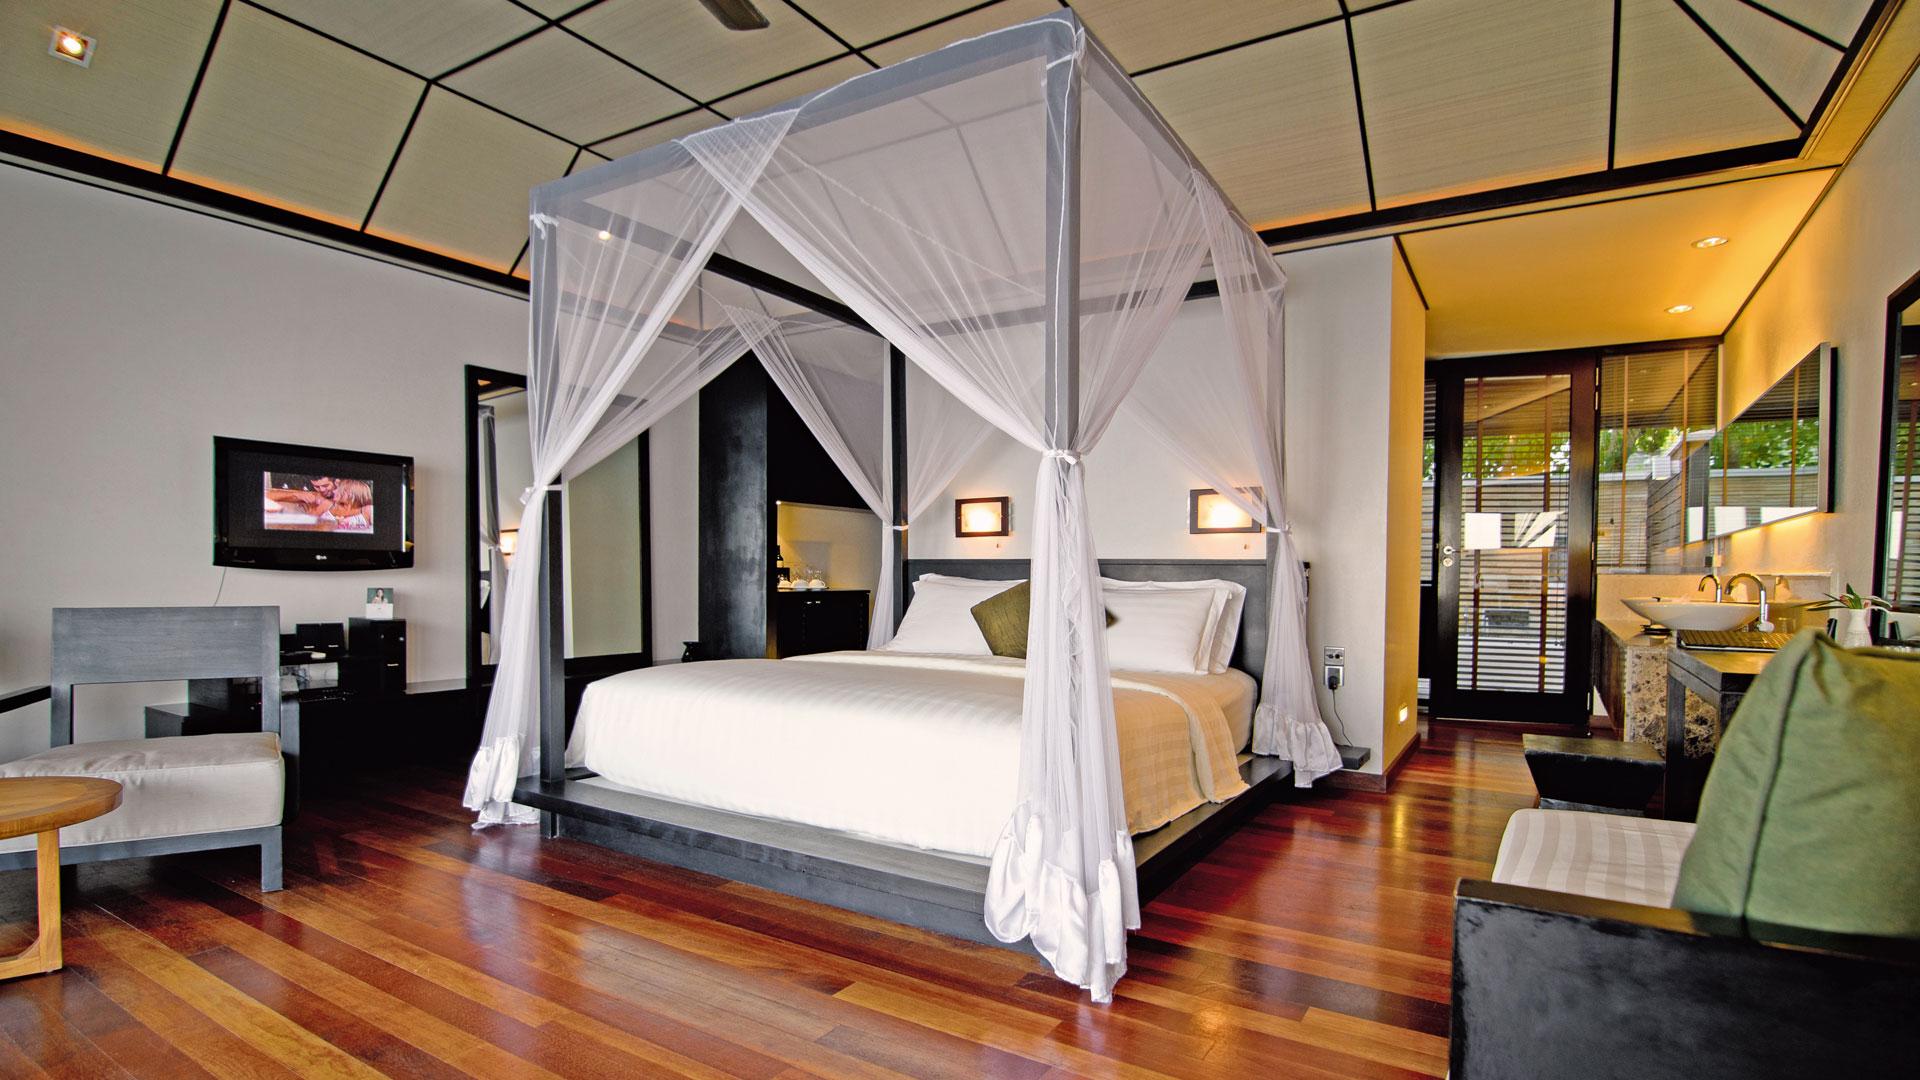 Lily Beach Resort e Spa 5* - Foto degli interni di una camera con letto matrimoniale